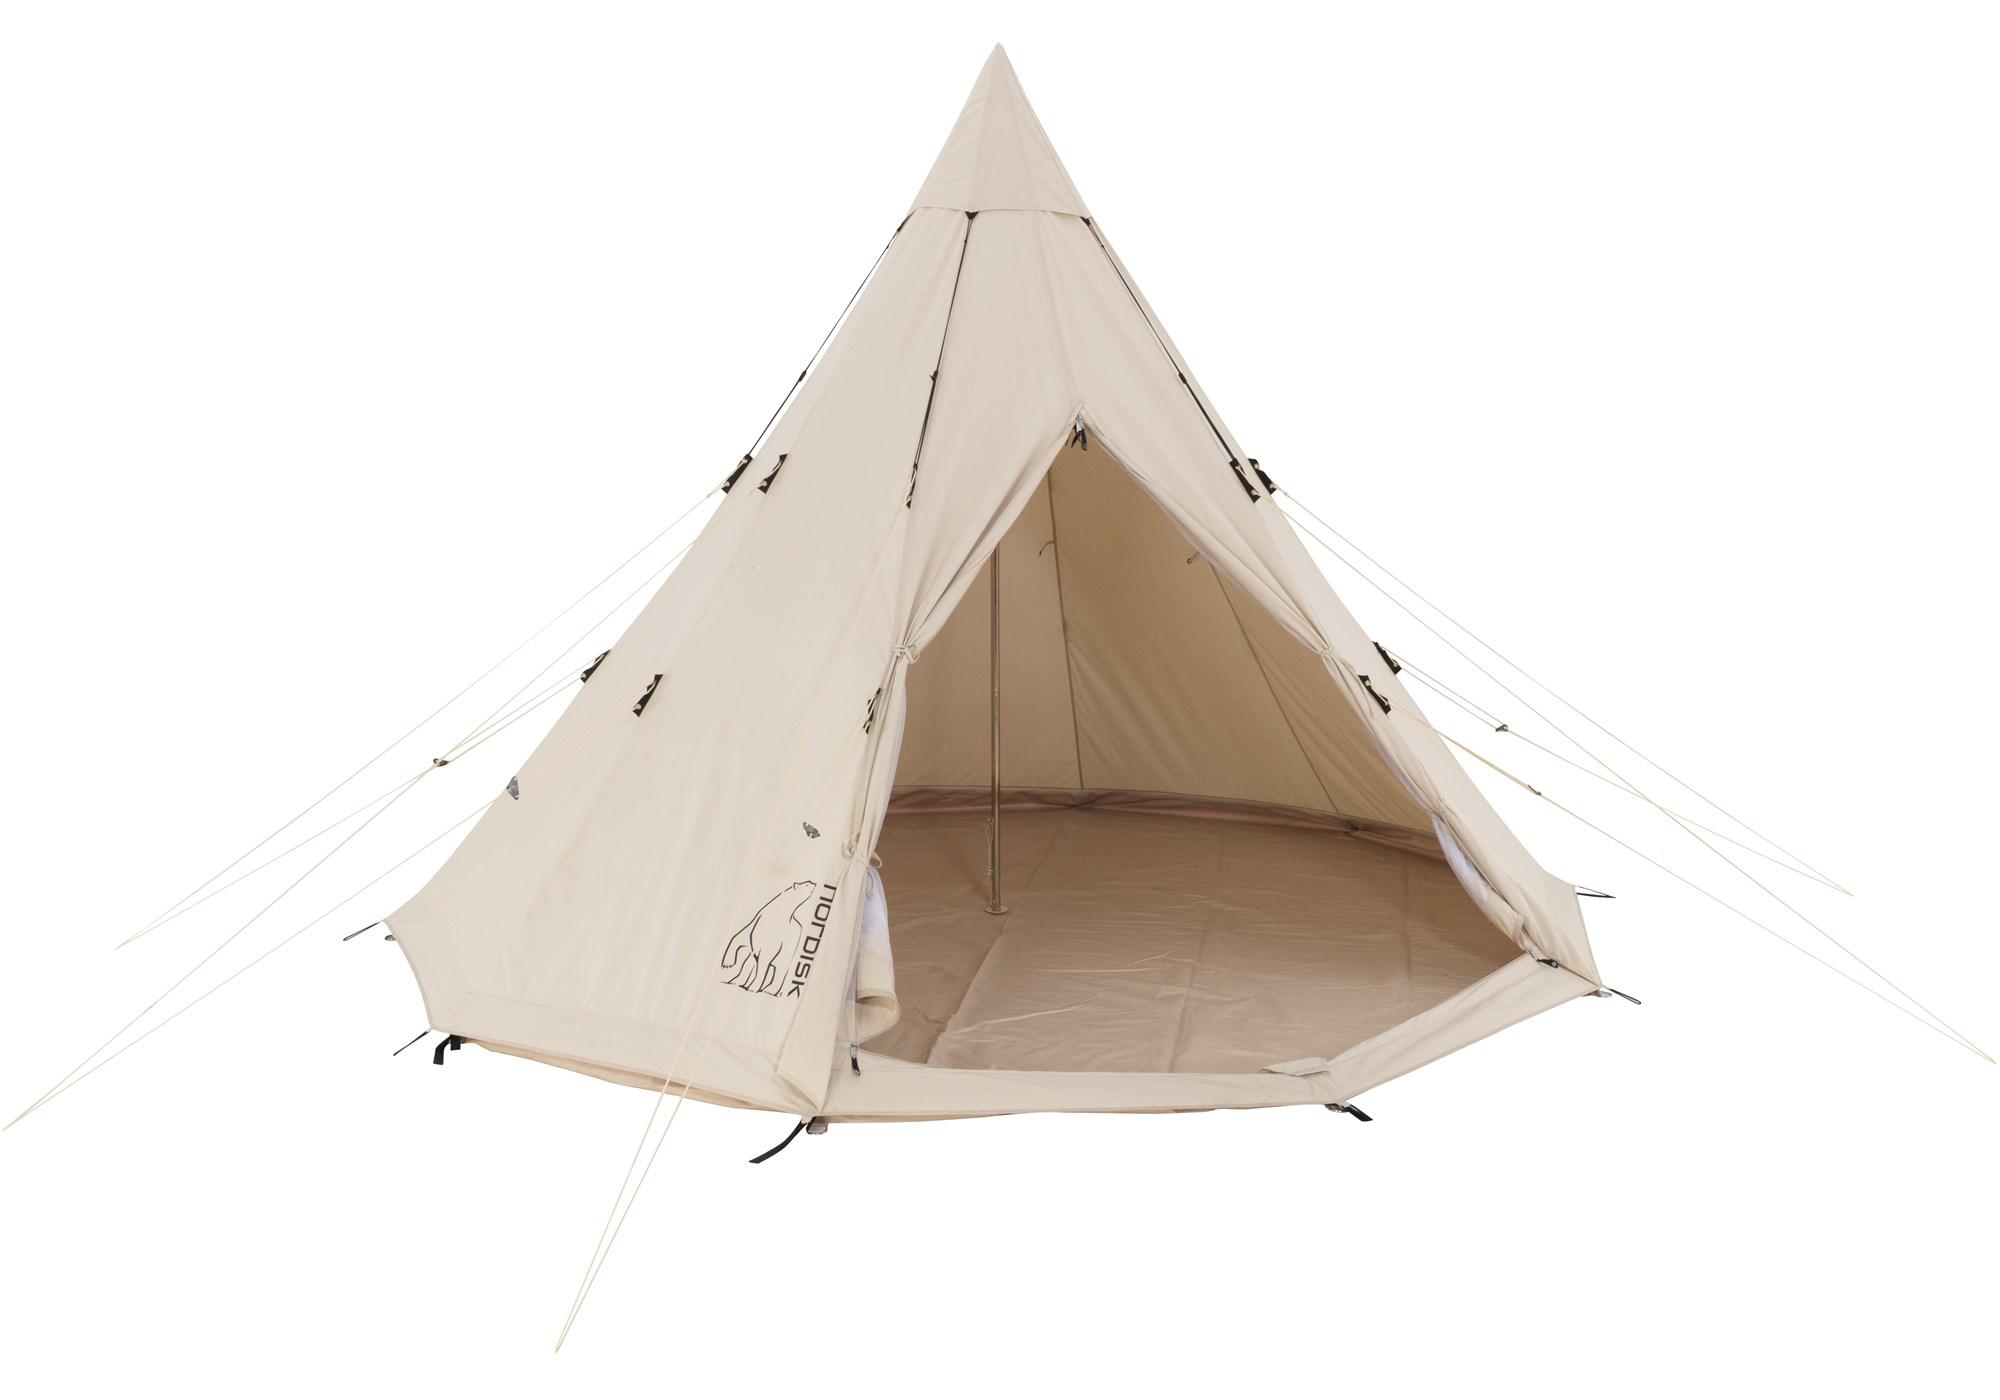 Nordisk Alfheim 19.6 - Technical Cotton - Tent - Tents